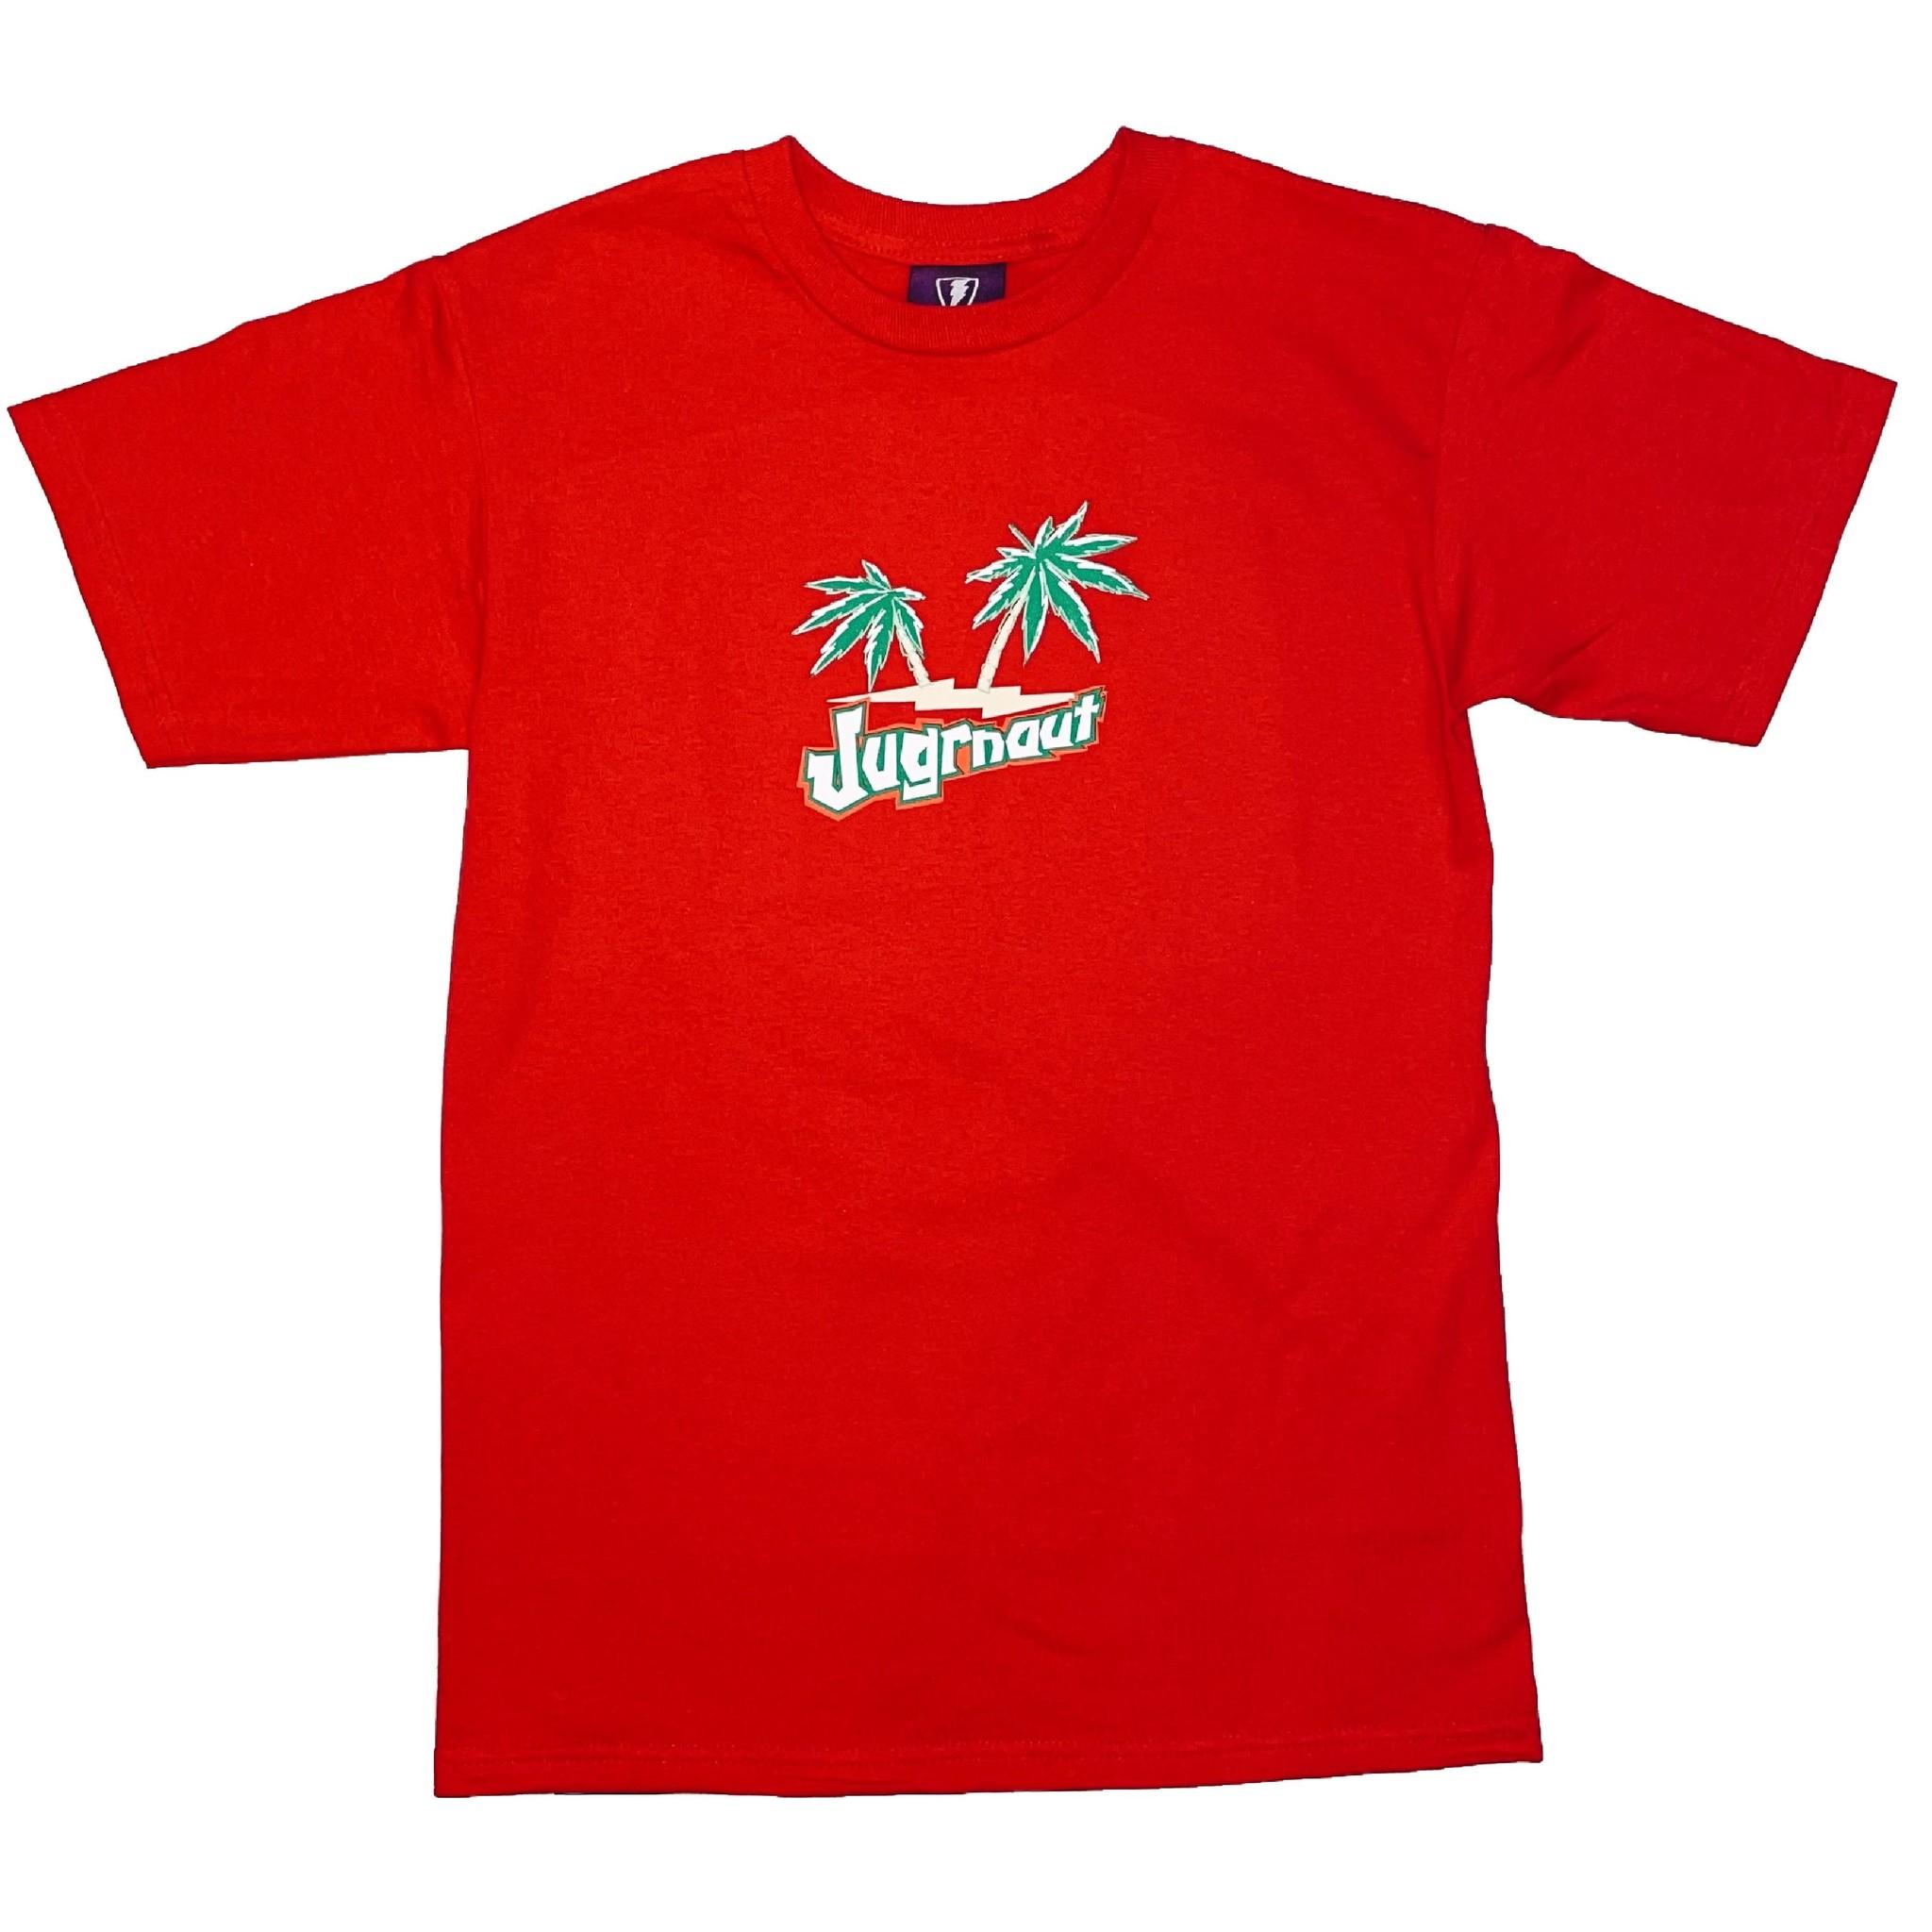 Jugrnaut Jugrnaut Tahitian Tee Red